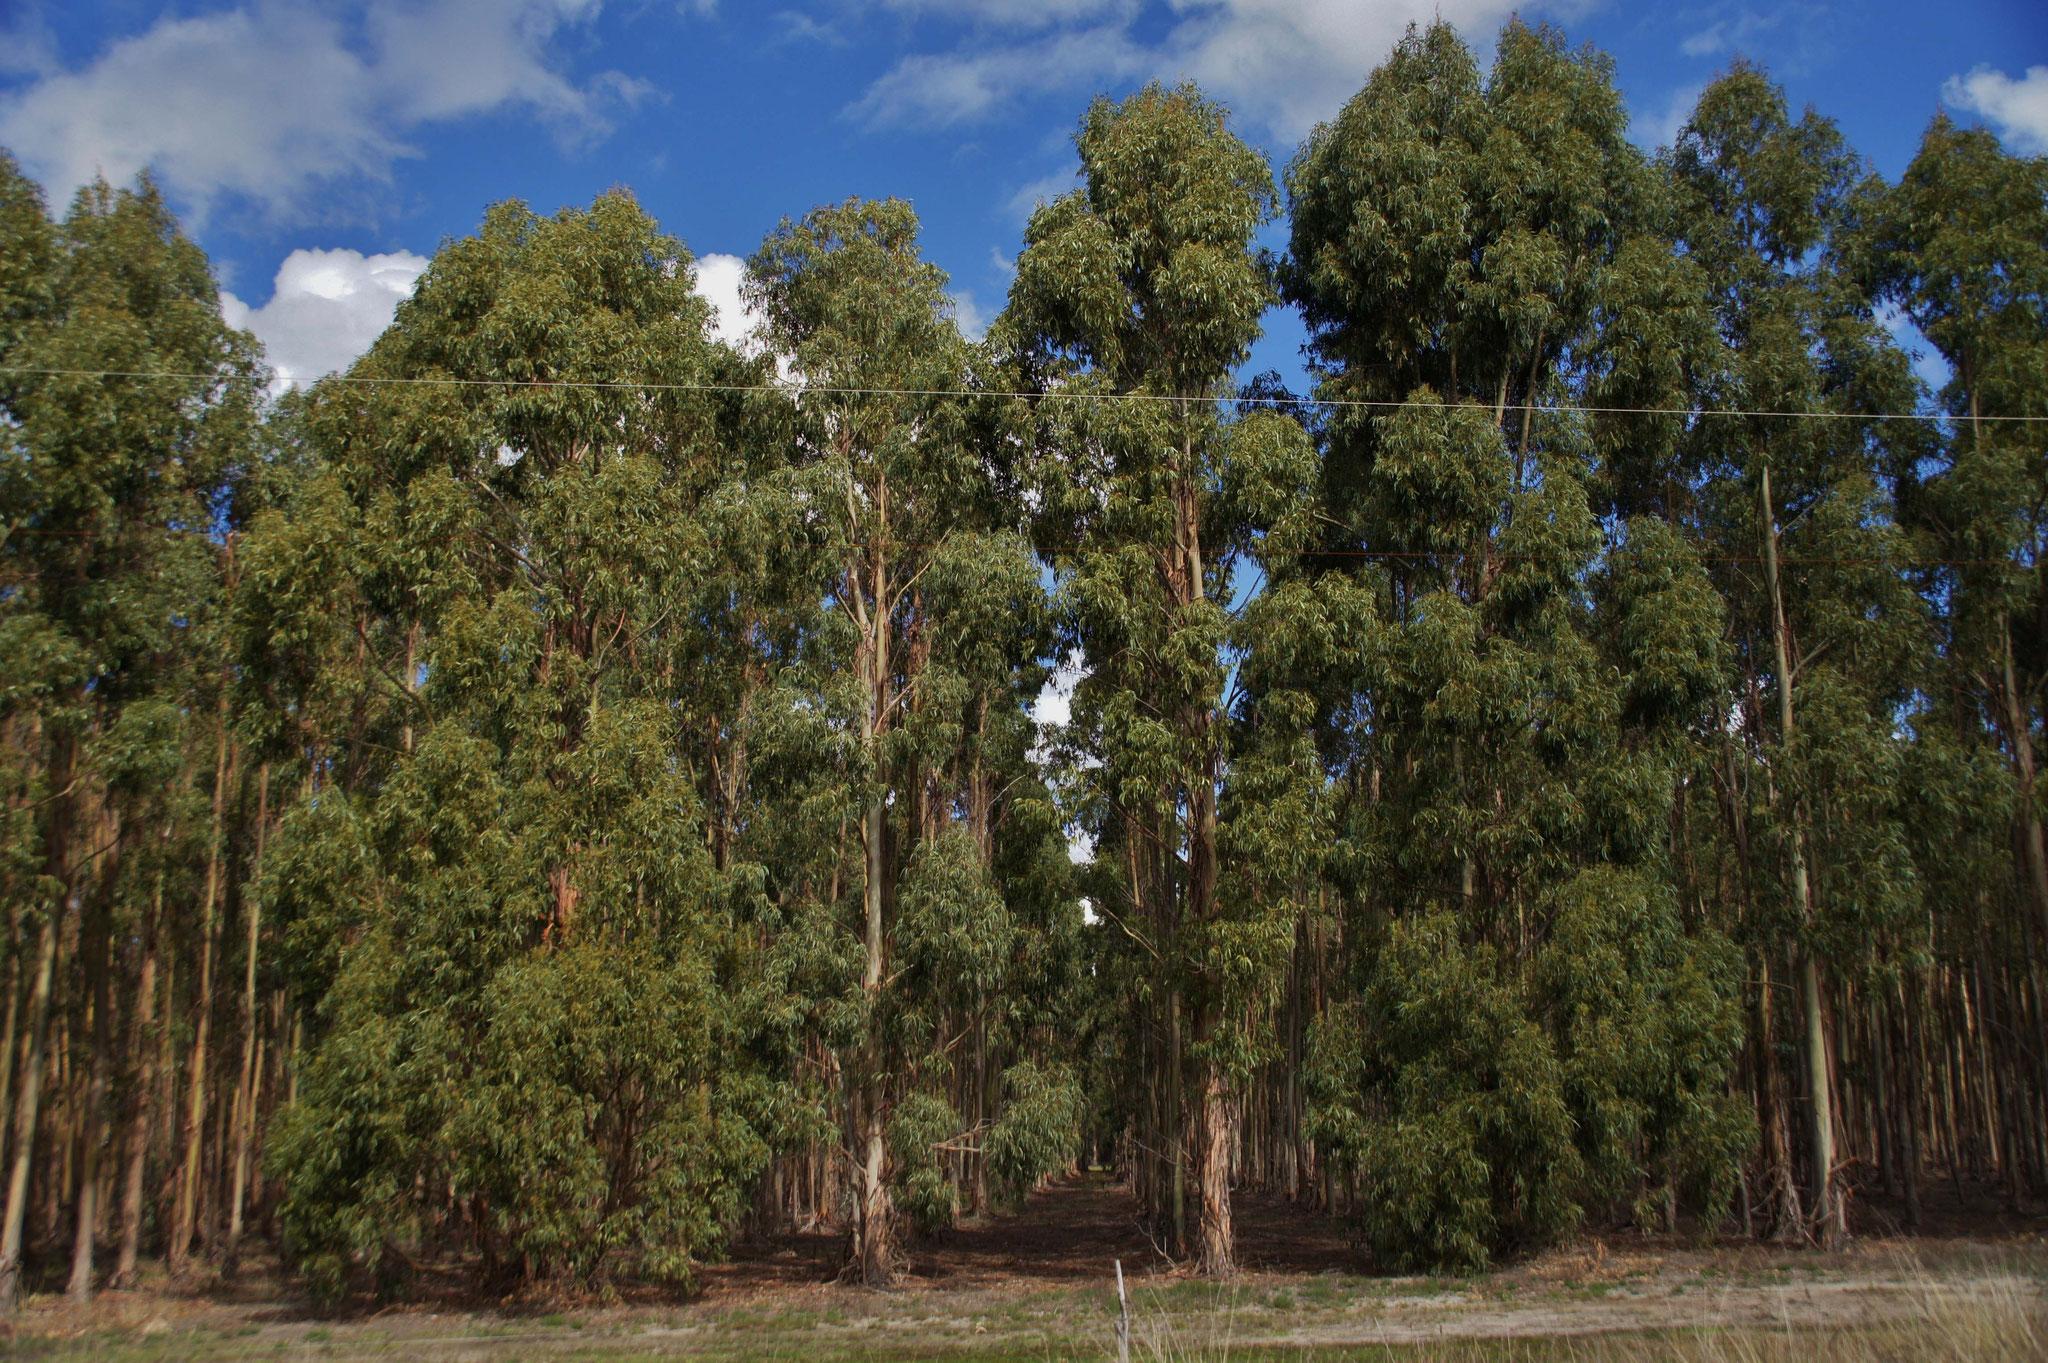 Ganze Landstriche werden als Nachschub für die Holzwirtschaft genutzt